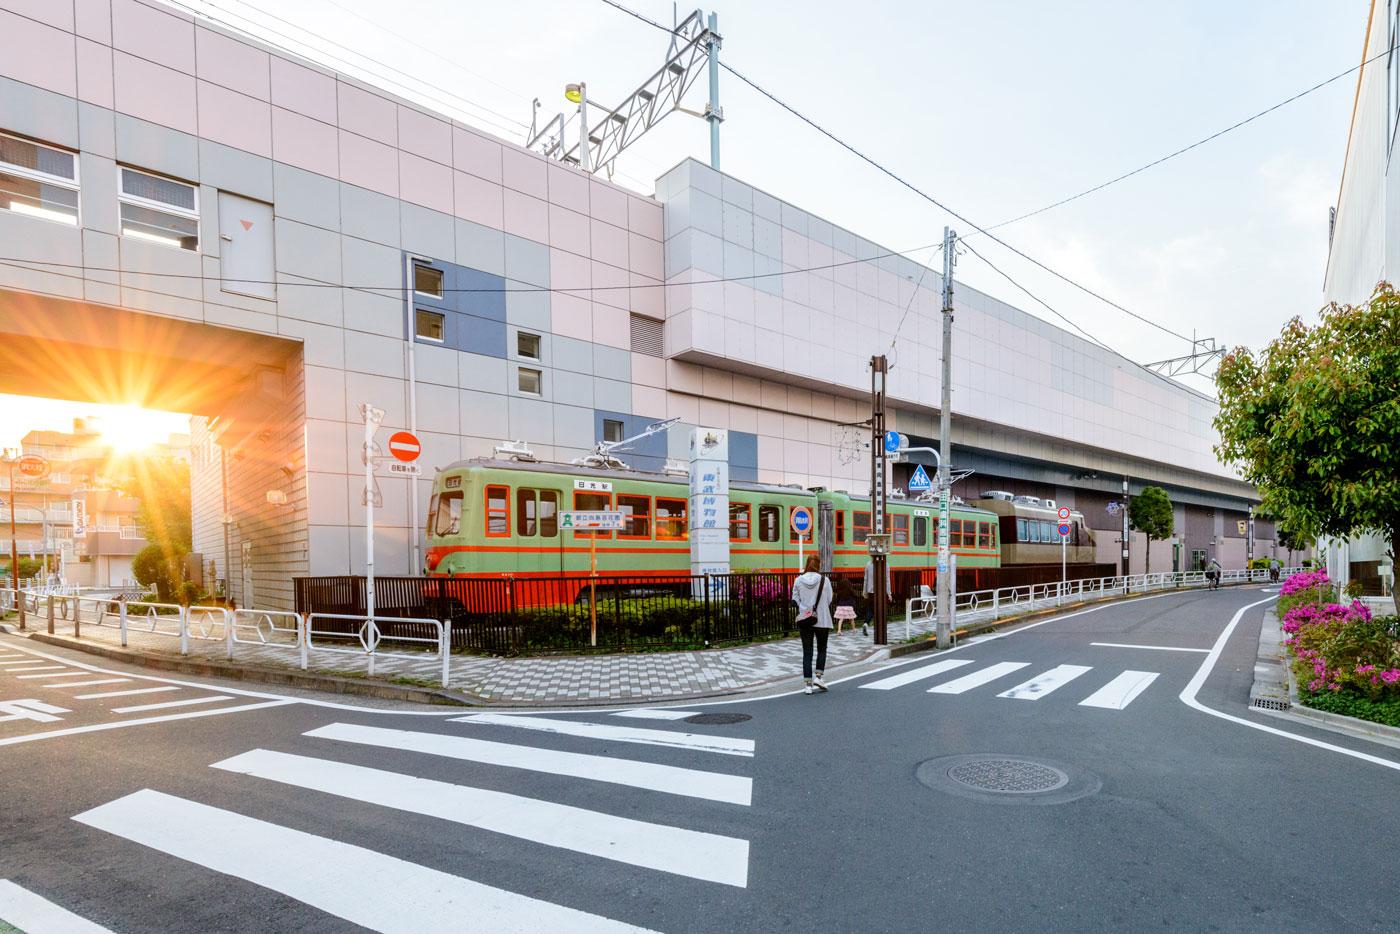 「東向島」駅3(東武電車の展示)